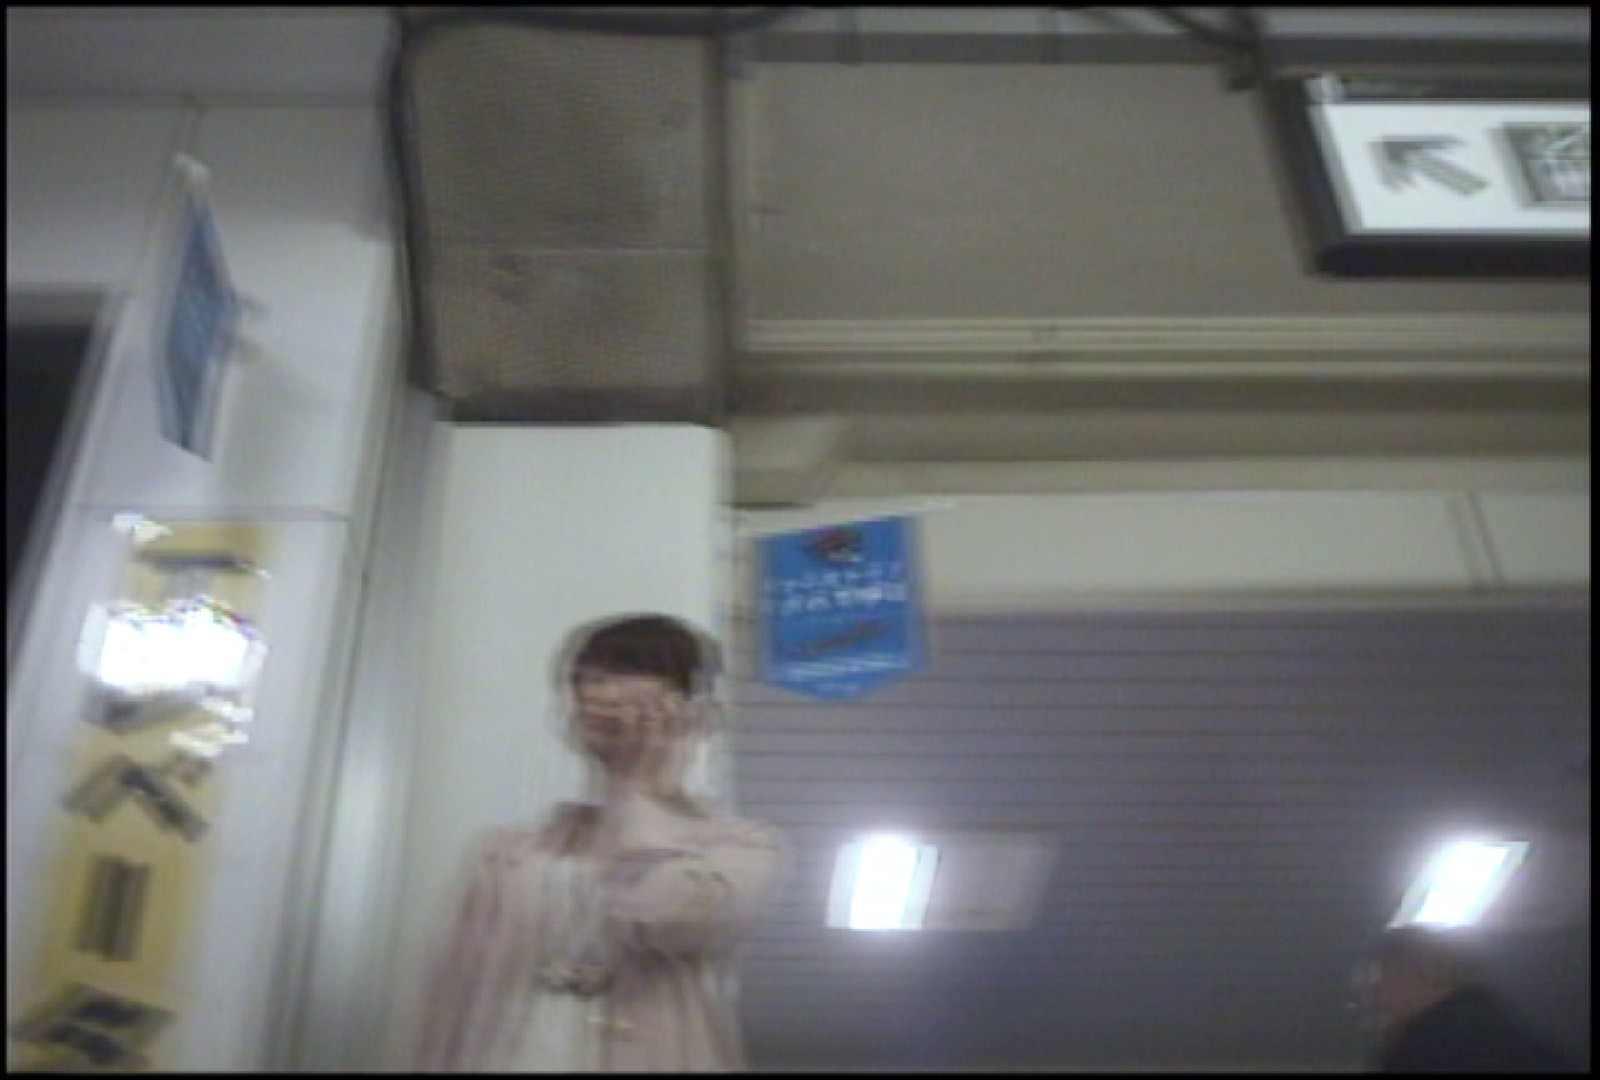 「しん」さんの逆さバイキングVol.2 パンチラ放出 盗撮エロ画像 90pic 2